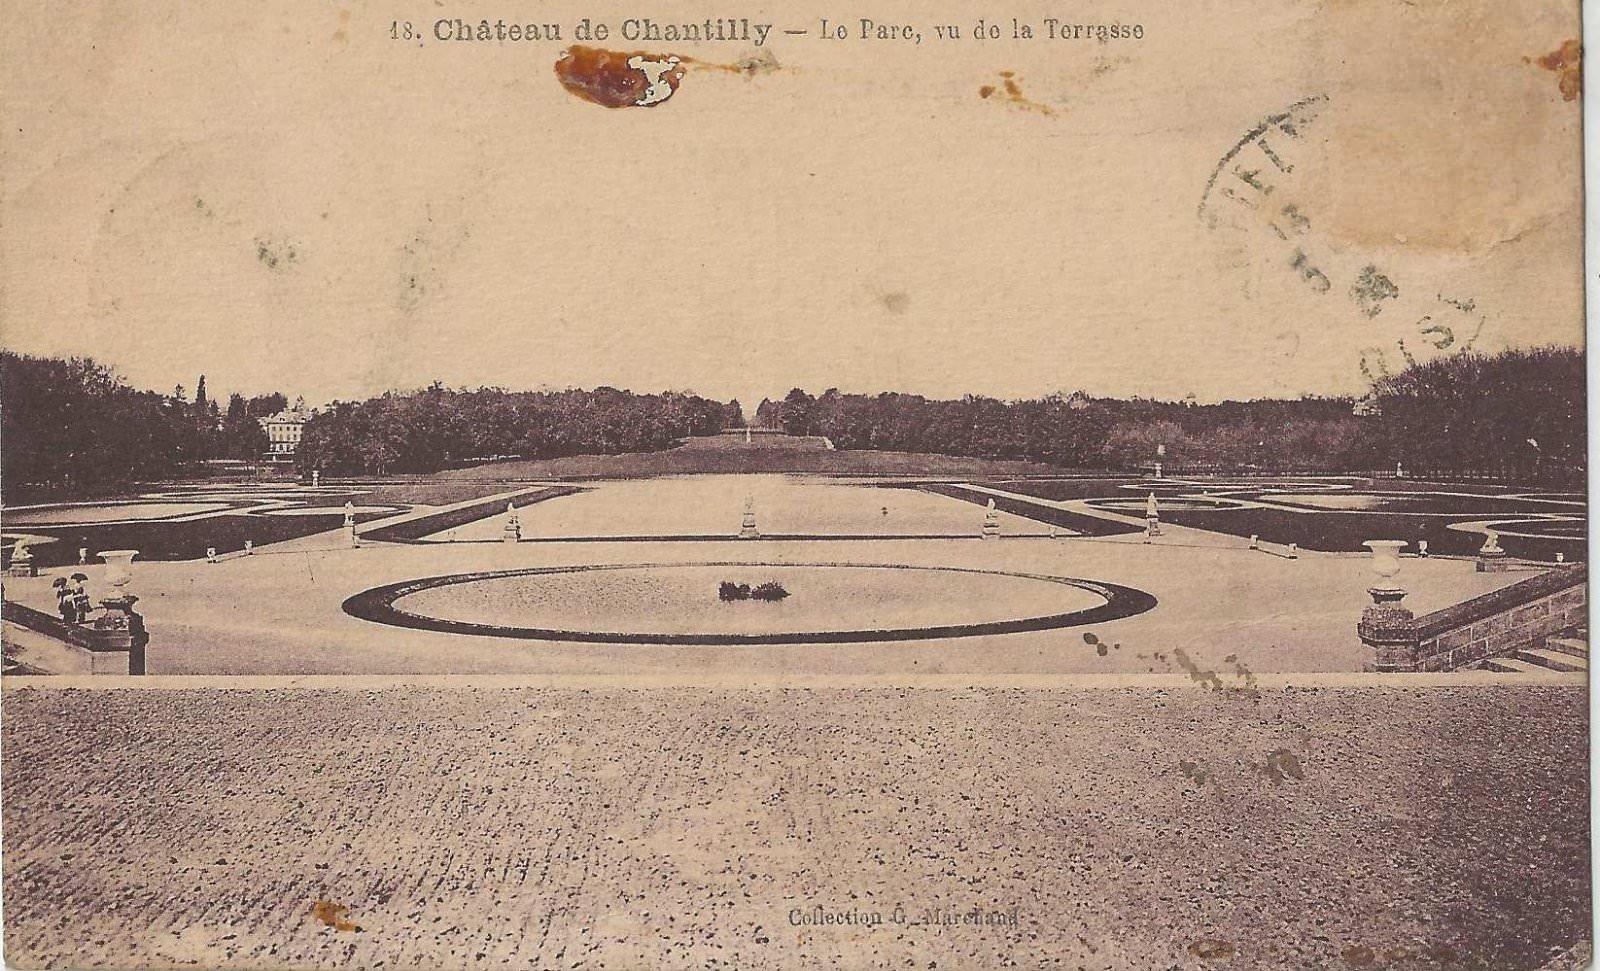 chateau de Chantilly 1926